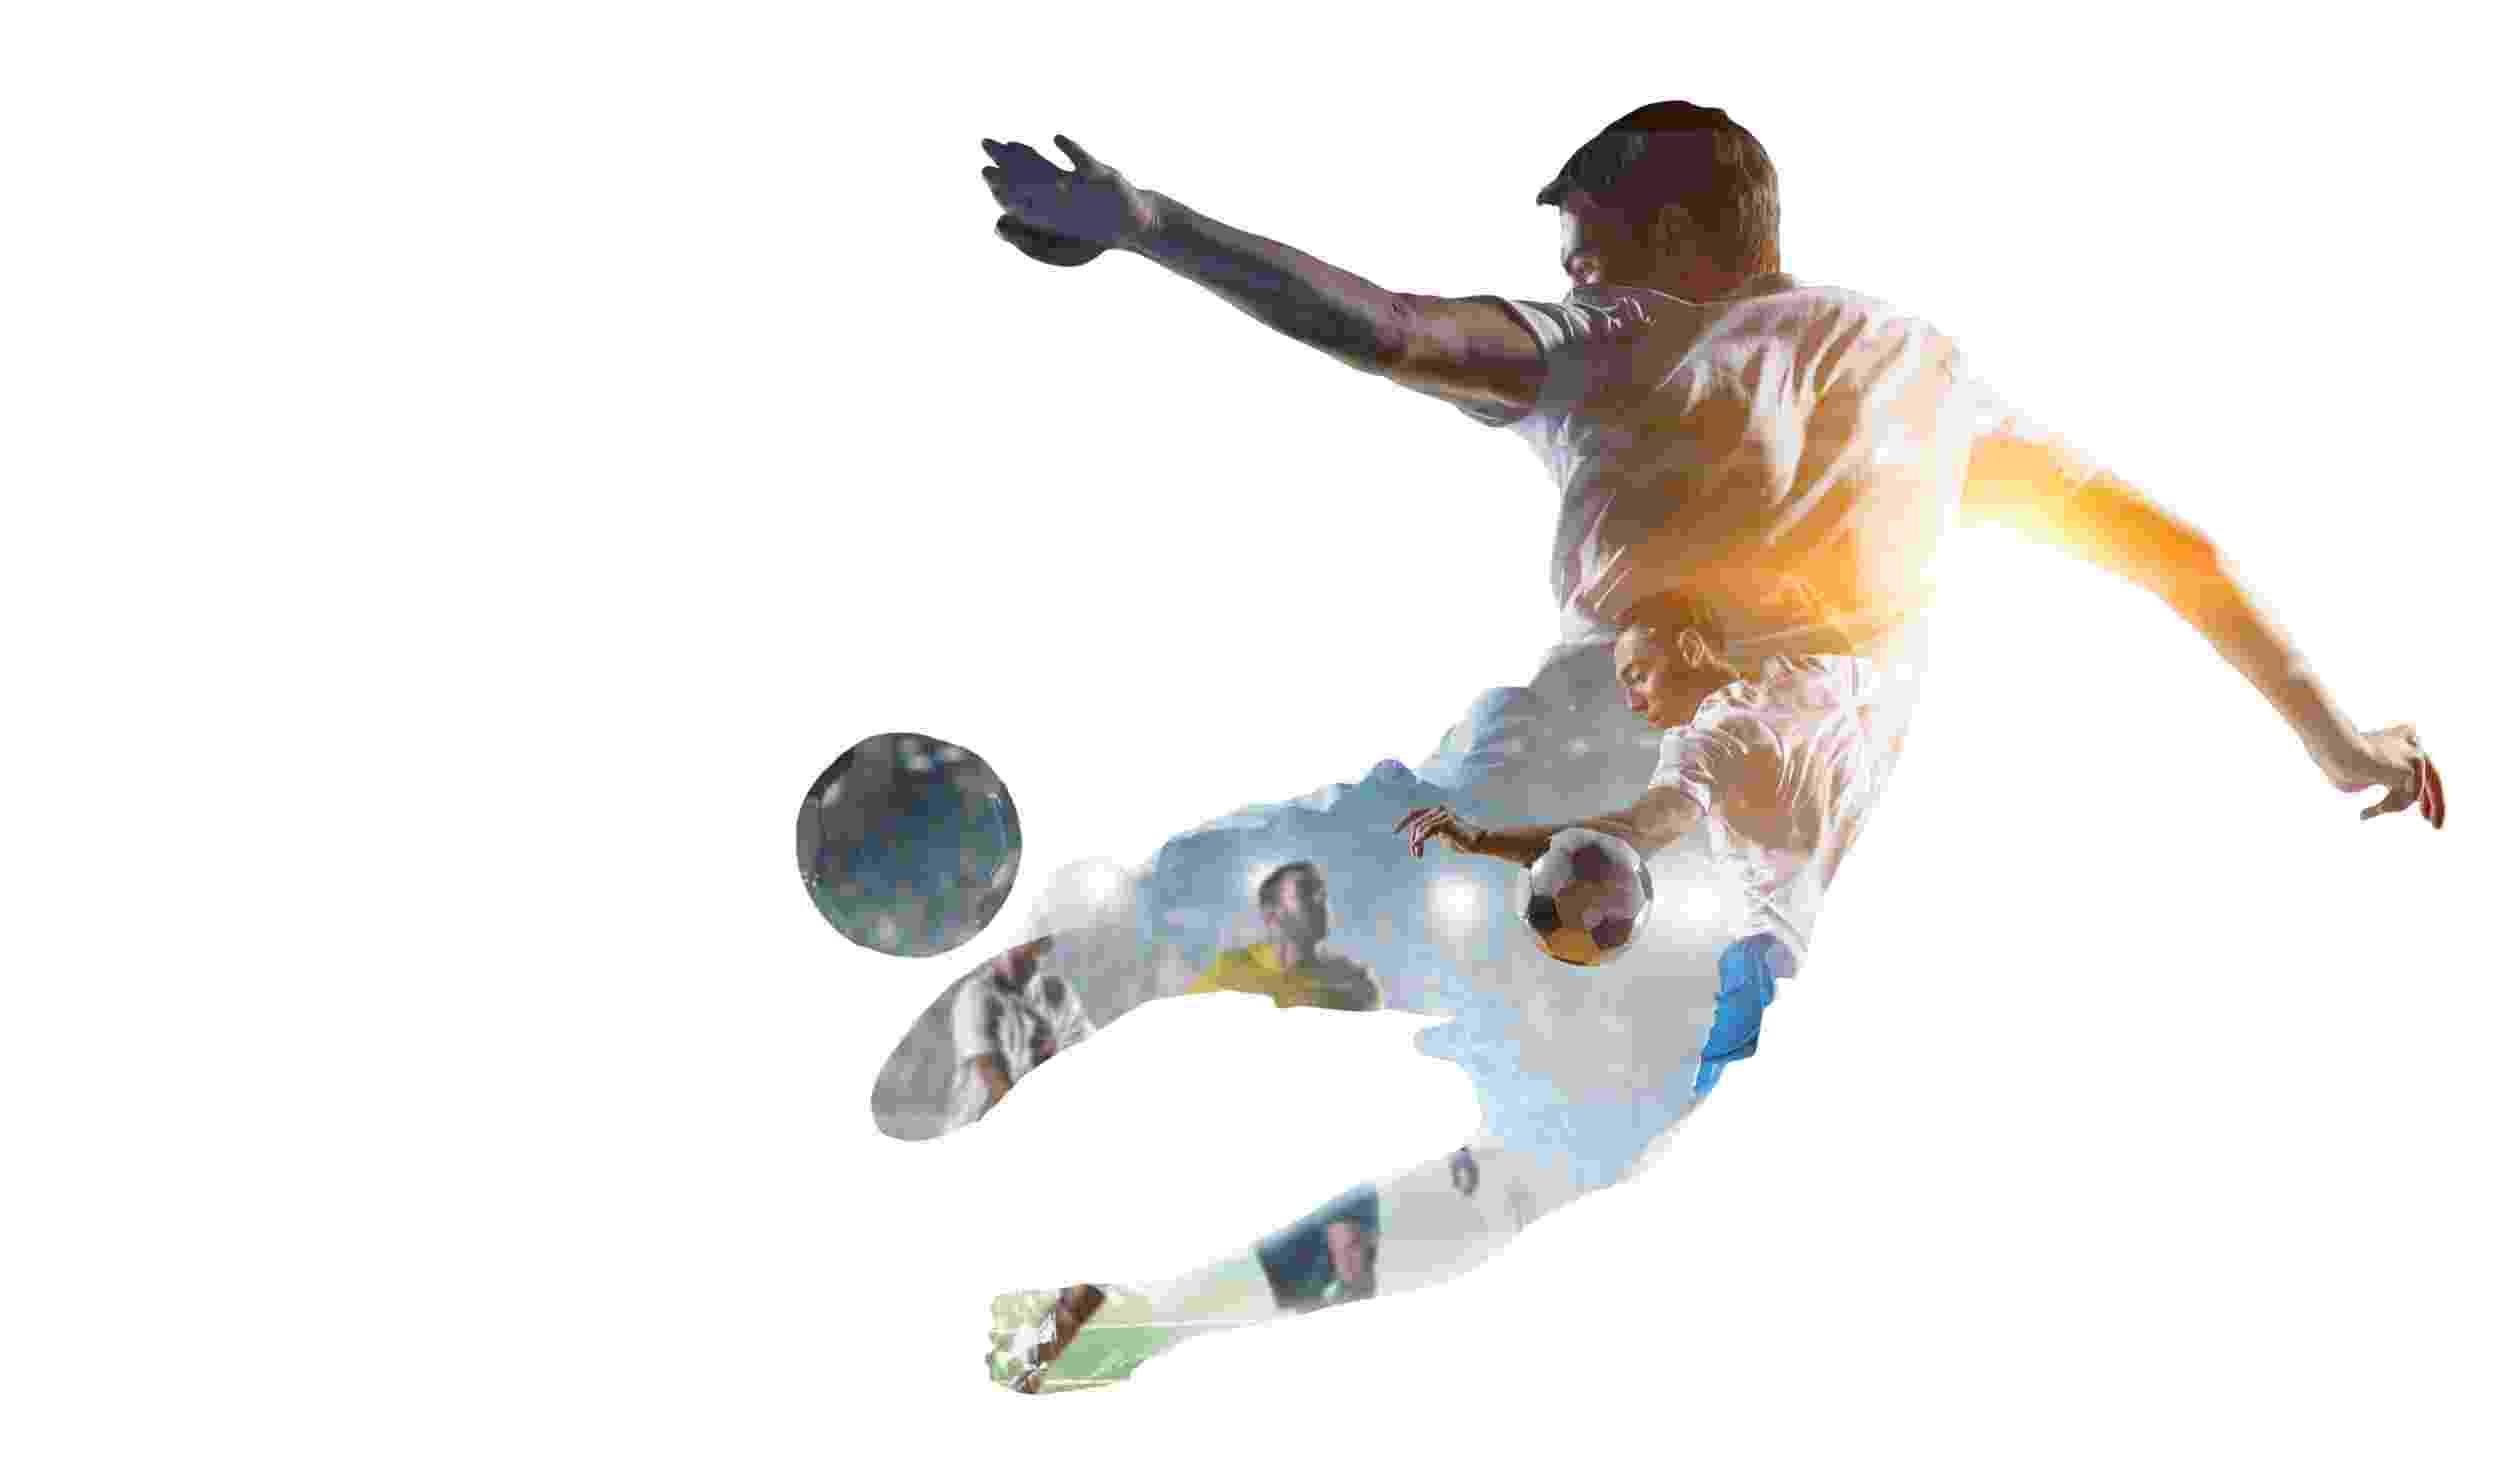 Spelare kickar fotboll